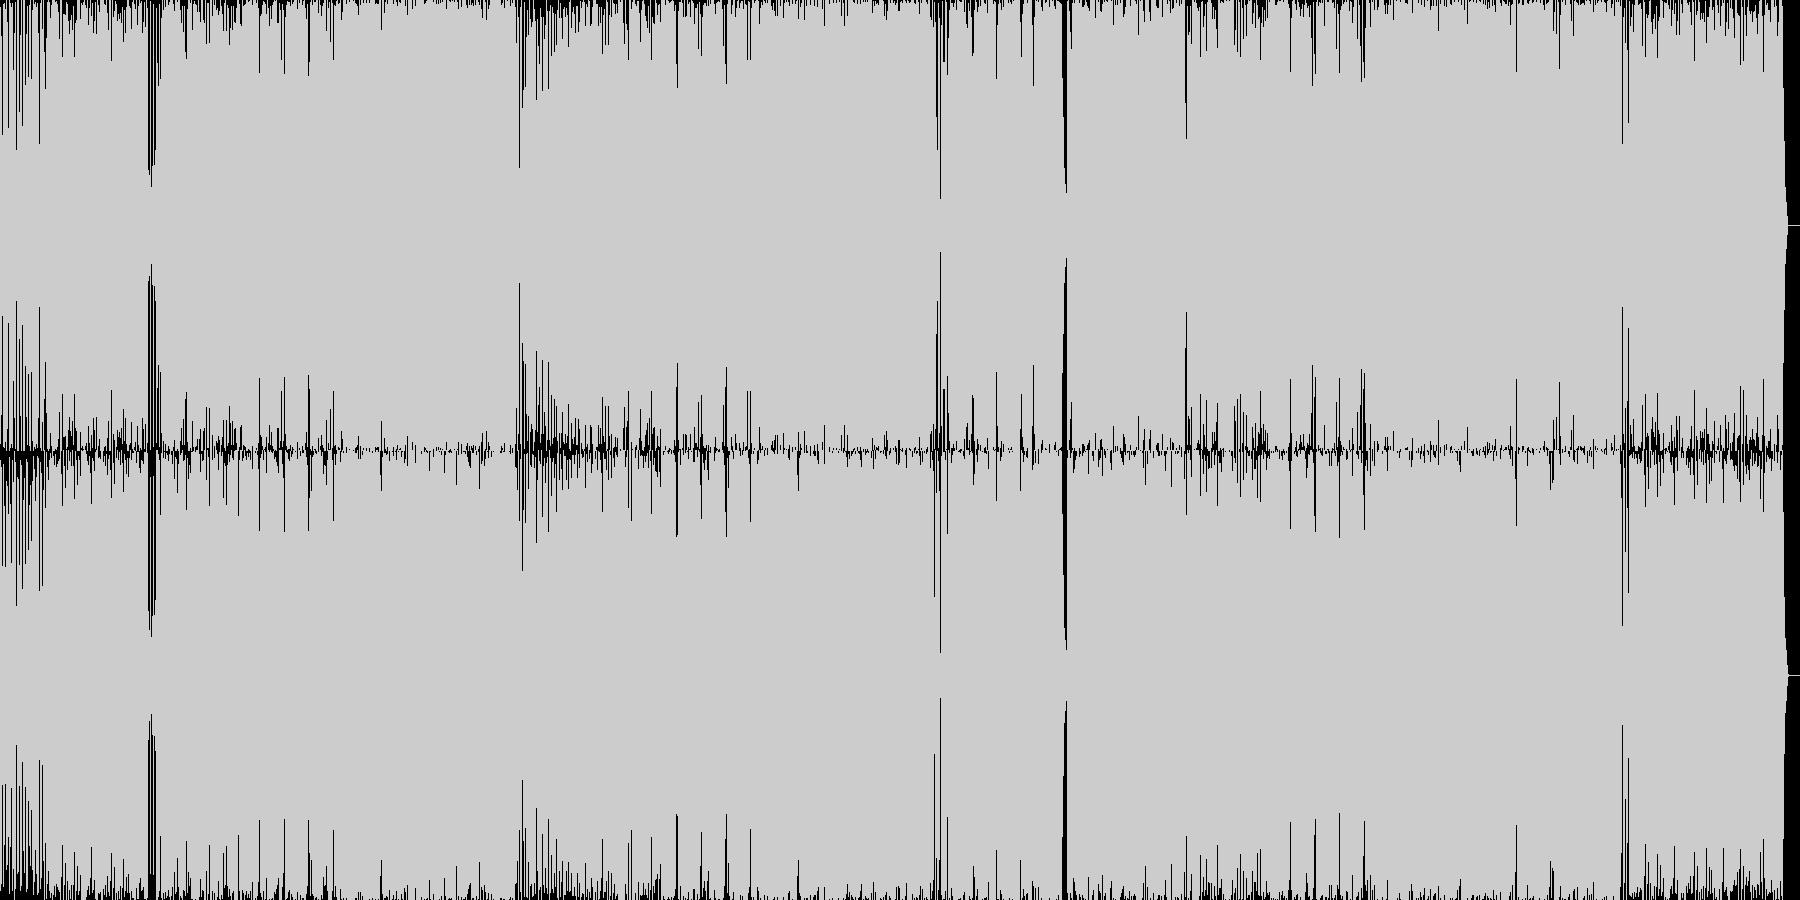 キュートなミディアムダンスポップナンバーの未再生の波形